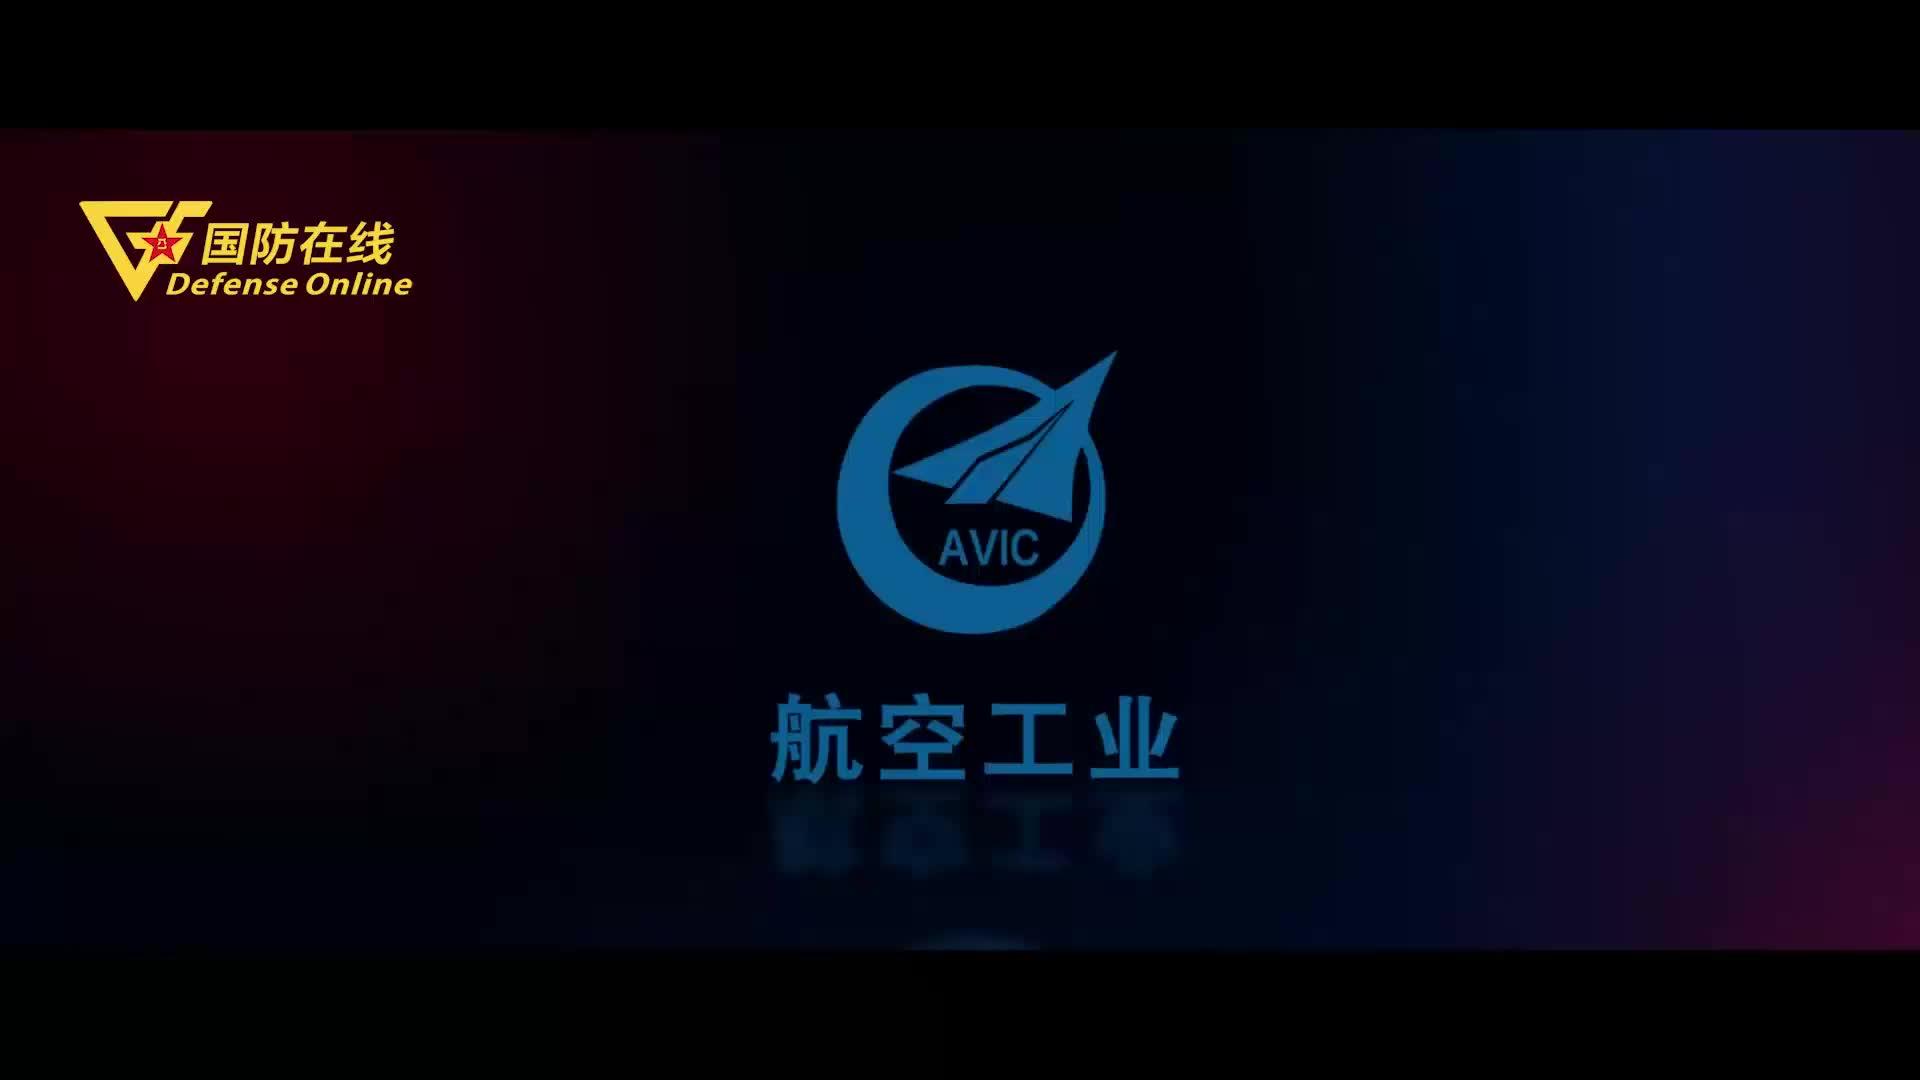 Video quảng bá thành tựu phát triển của công nghiệp hàng không quân sự Trung Quốc AVIC.